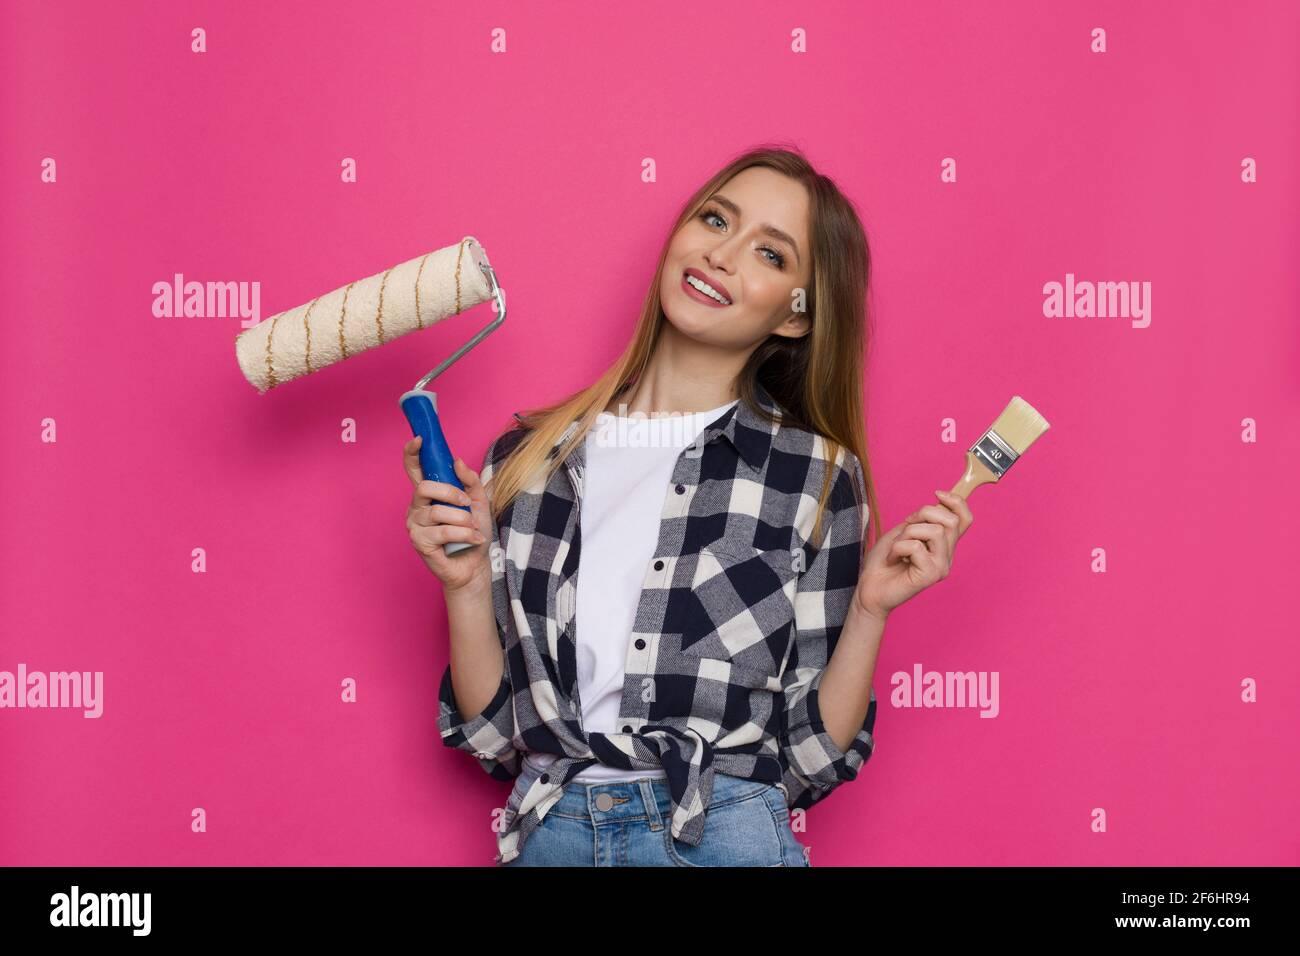 Une jeune femme souriante en chemise de bûcherons tient un pinceau et un rouleau de peinture. Vue avant. Taille haute studio tourné sur fond rose. Banque D'Images